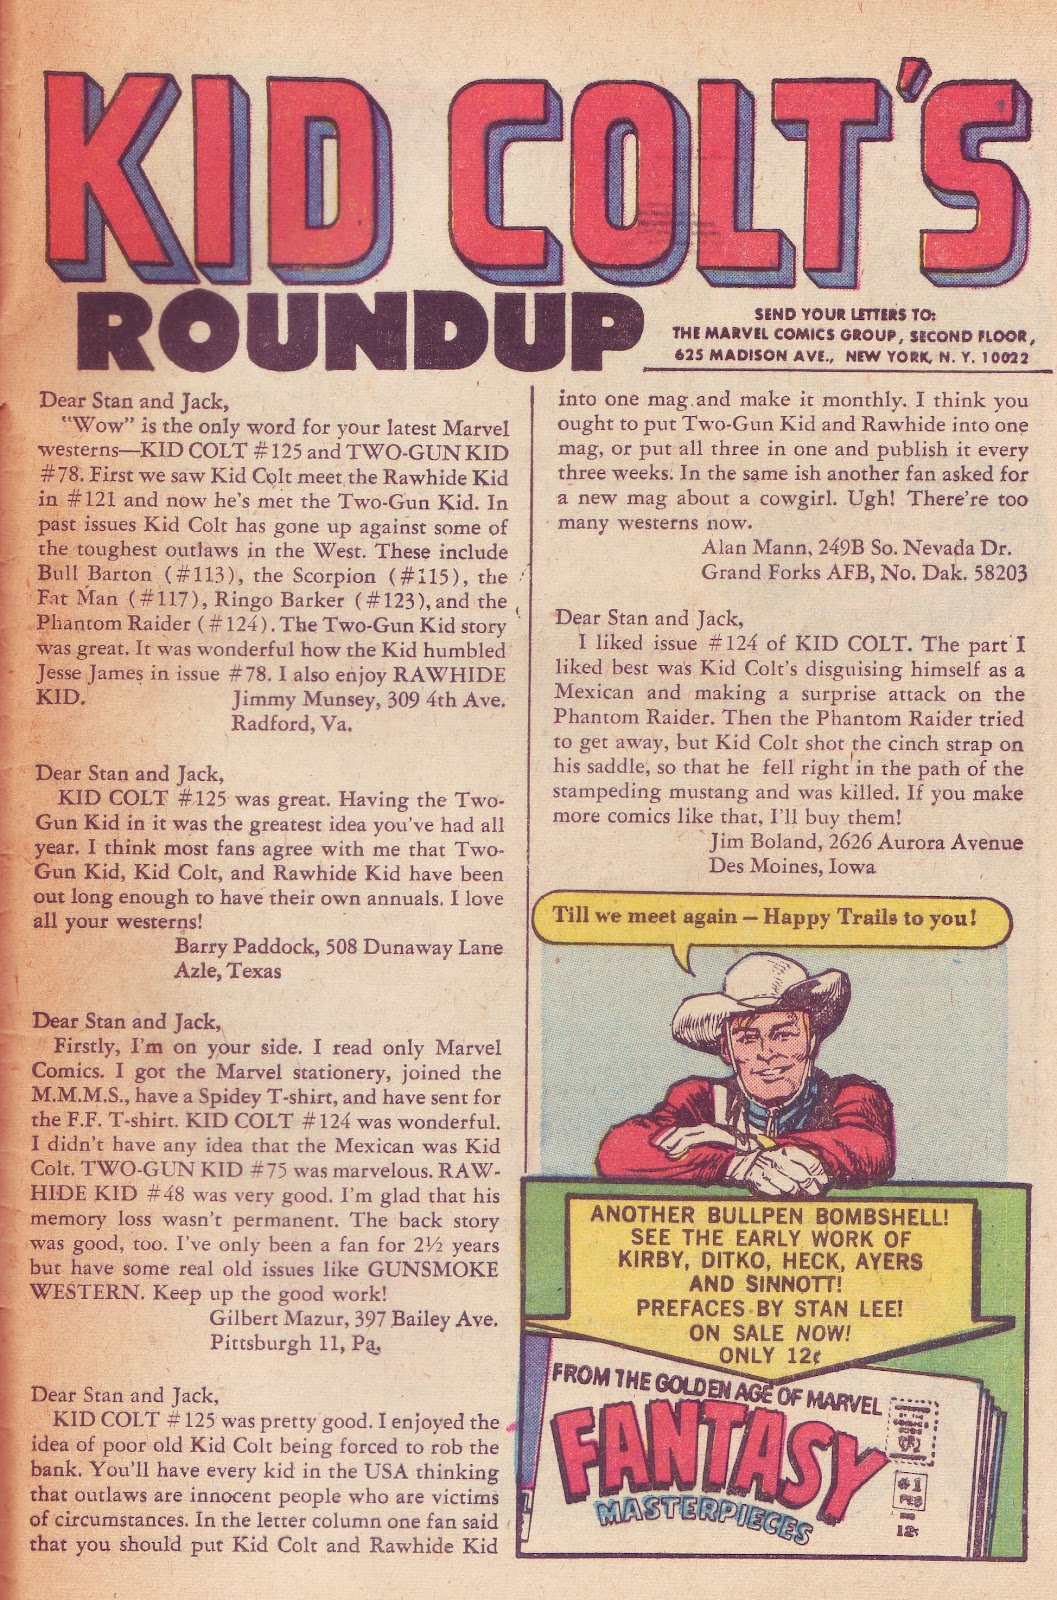 Marvel Mysteries and Comics Minutiae: Marvel's Western